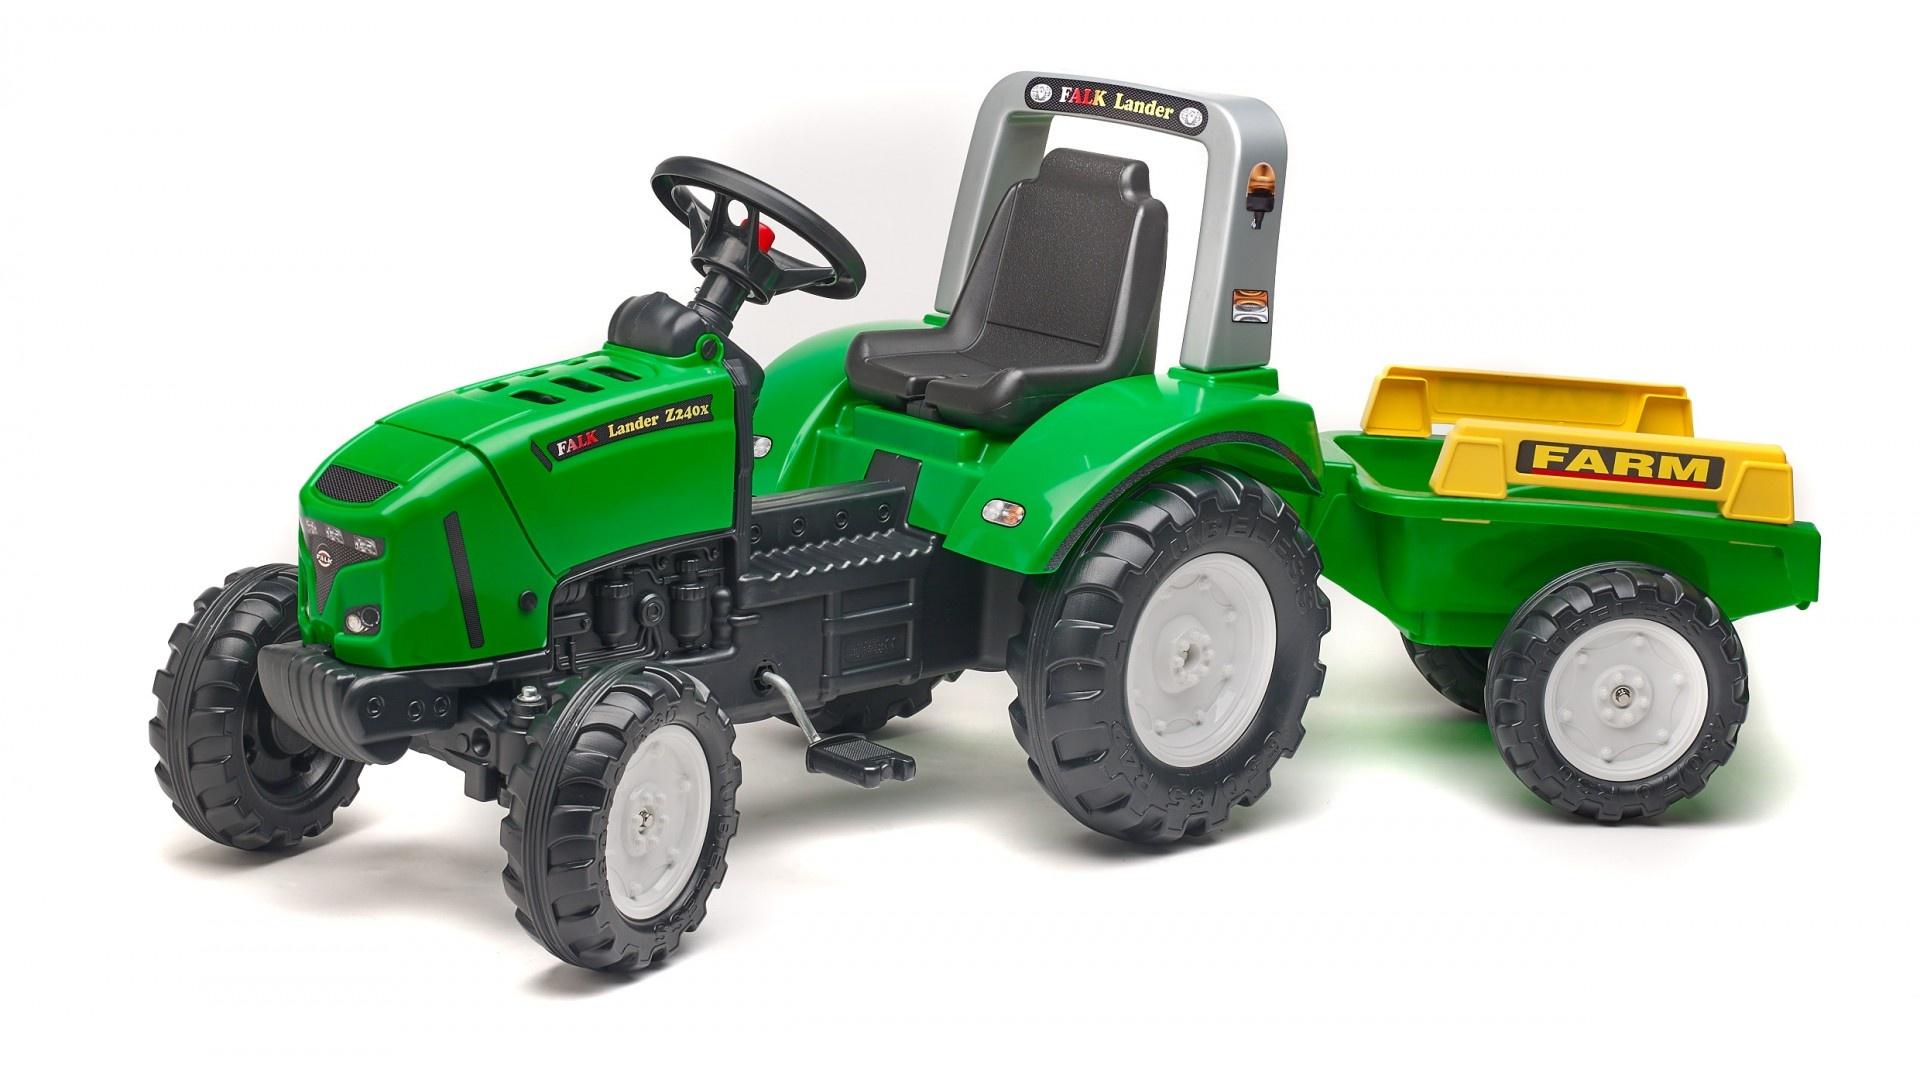 Falk Šlapací traktor FARM LANDER Z240X Green 2021A s vlečkou